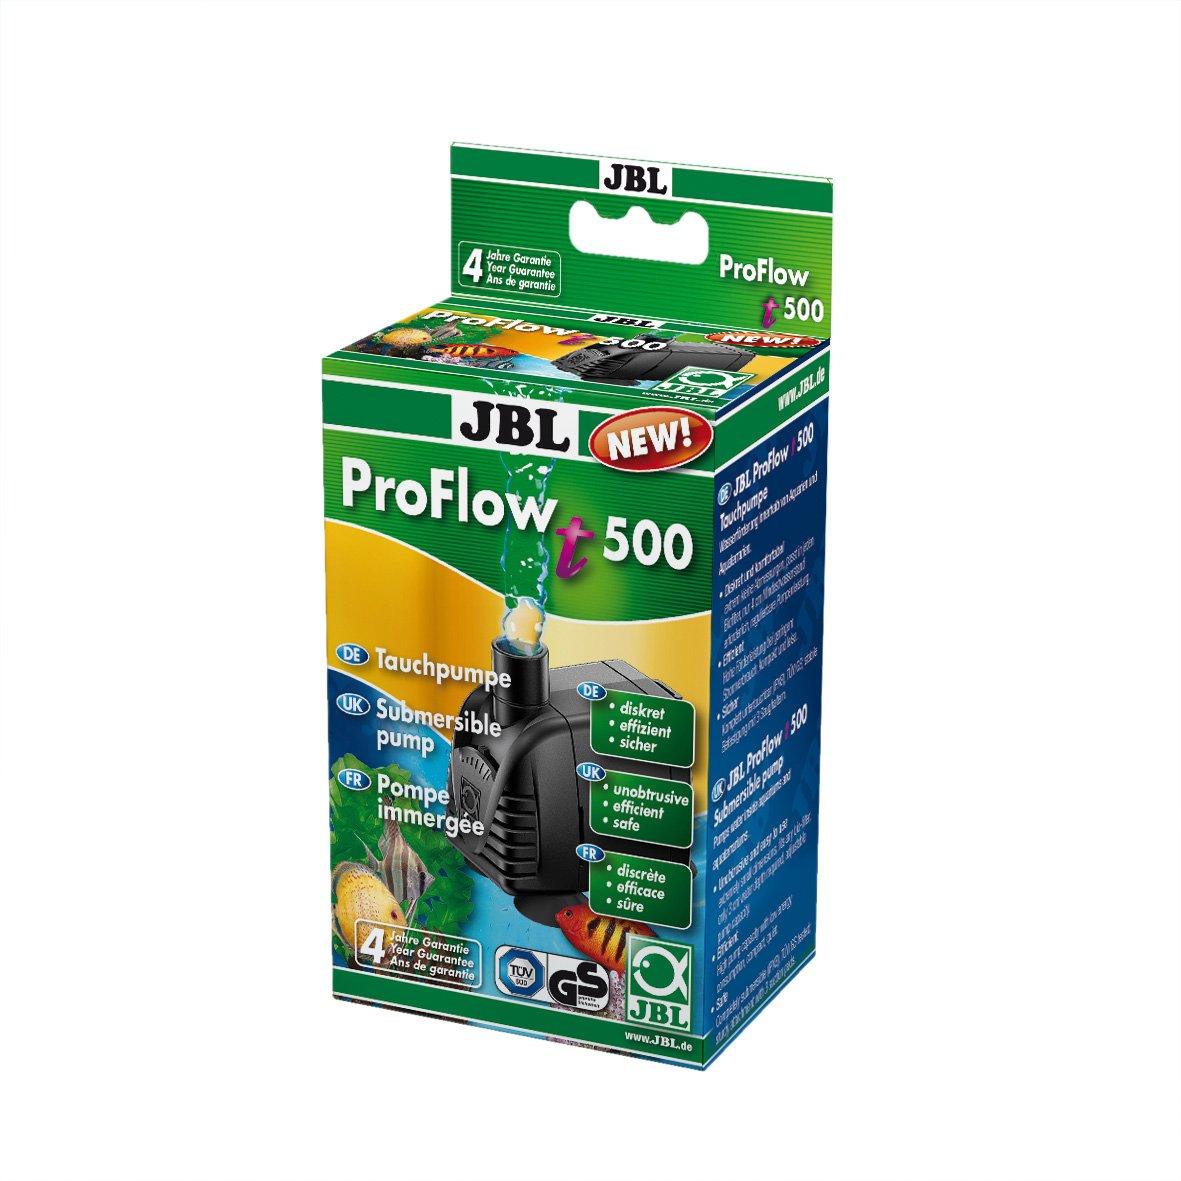 JBL Pumpe zur Umwälzung von Wasser in Aquarien und Aquaterrarien, ProFlow 6058400